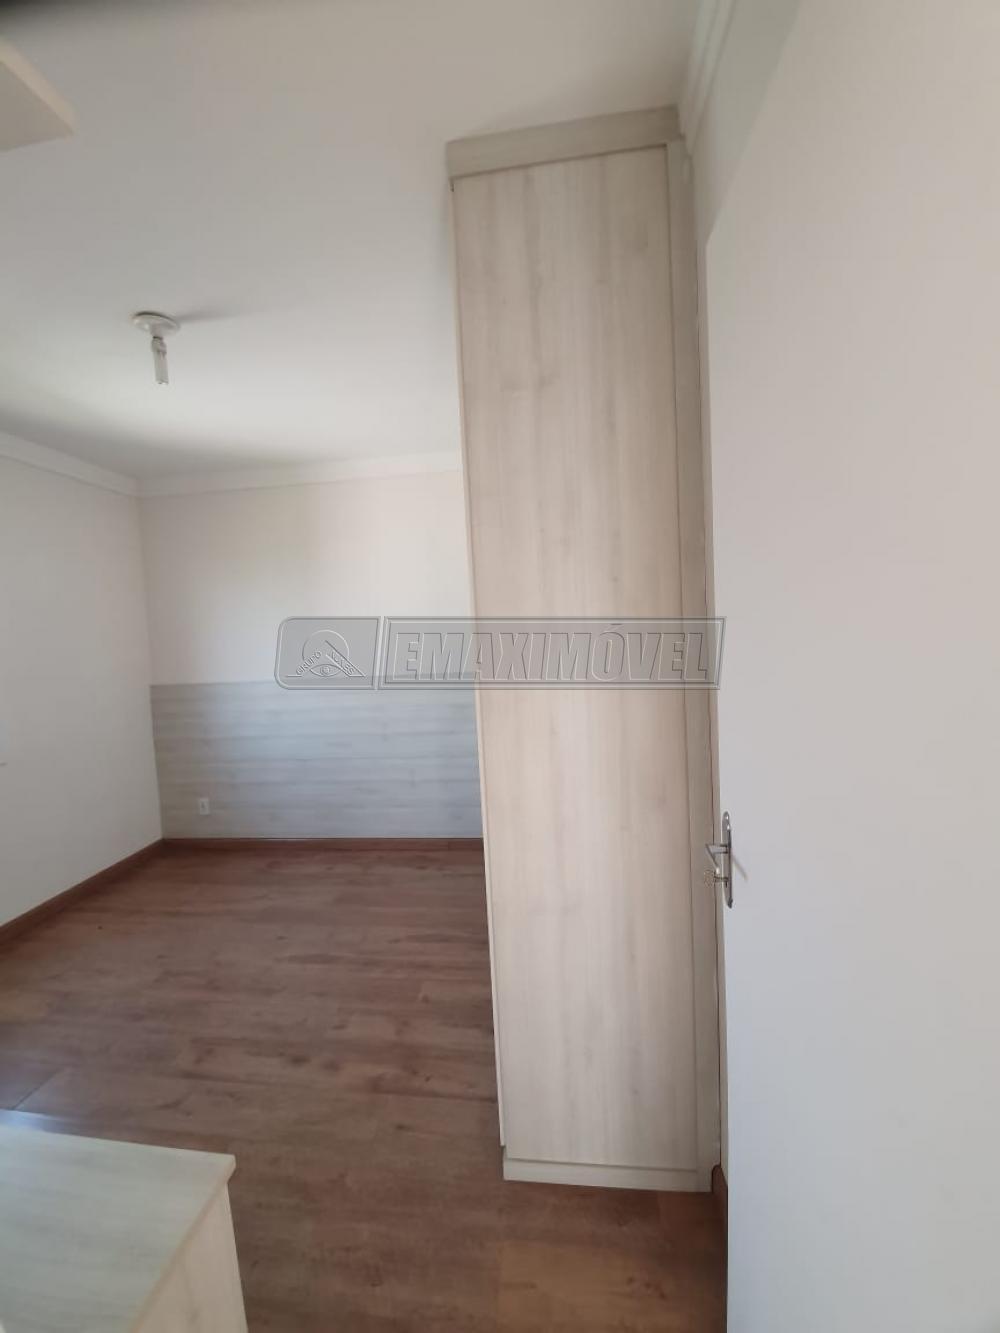 Comprar Apartamento / Padrão em Sorocaba R$ 162.000,00 - Foto 6